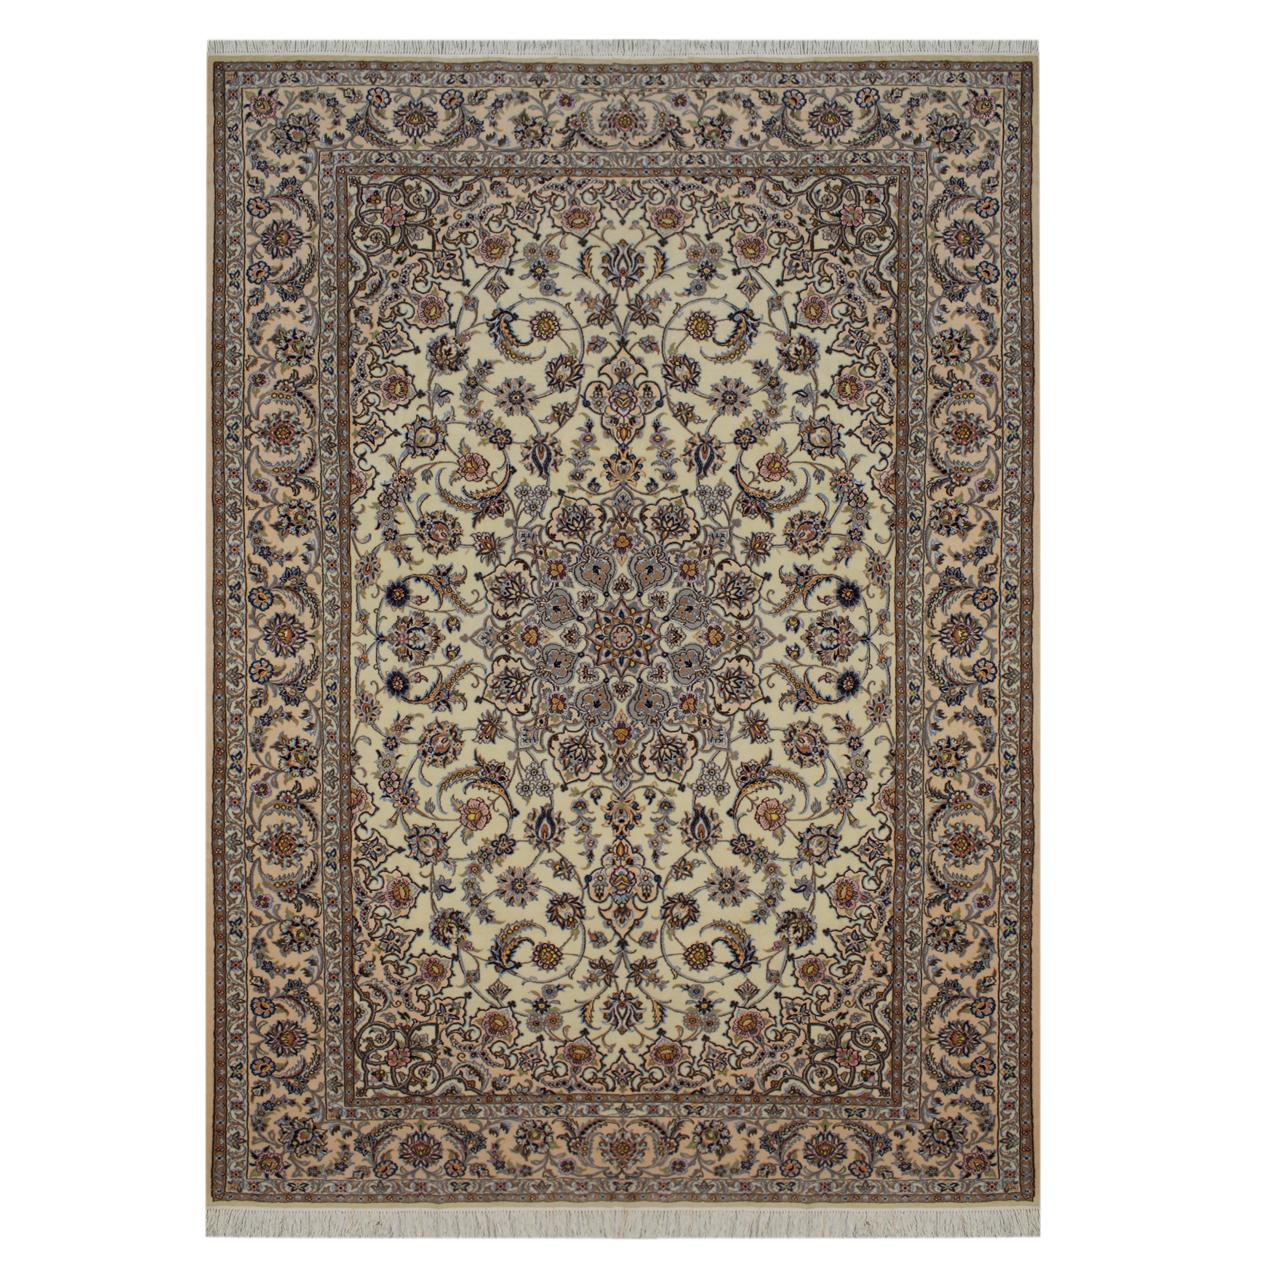 فرش دستبافت شش و نیم متری مدل نایین کد 1105753